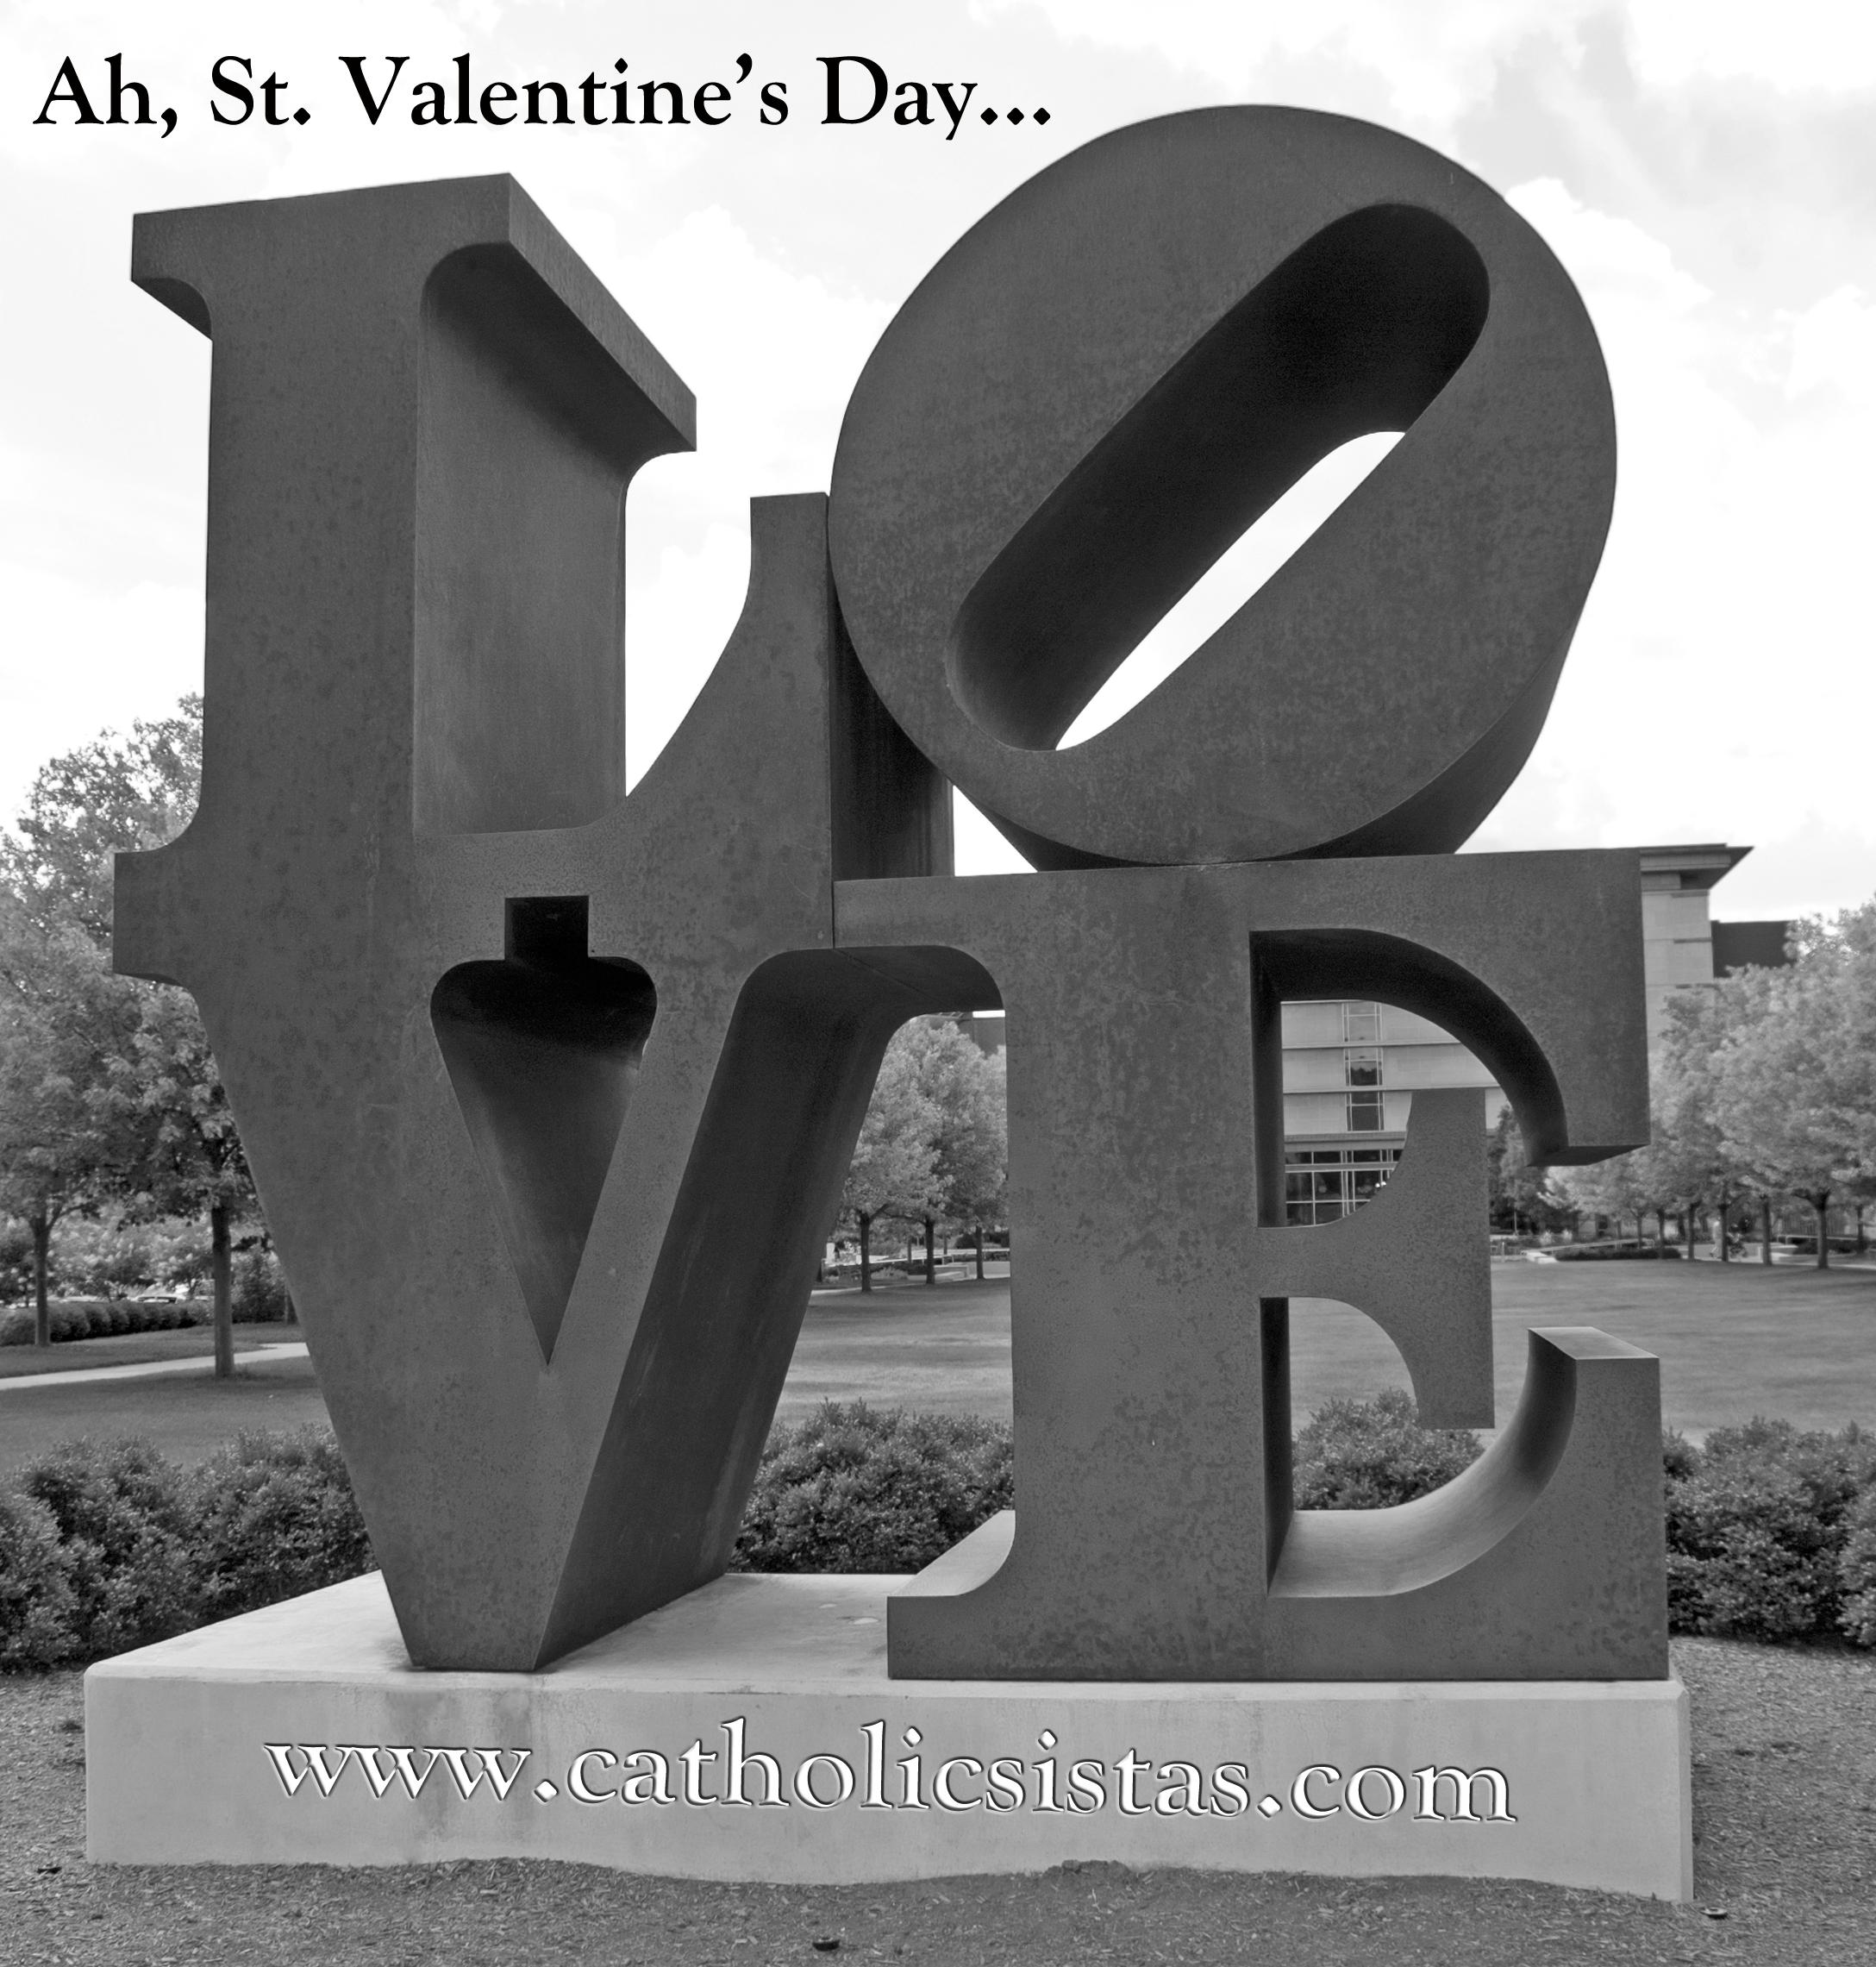 Ah, St. Valentine's Day